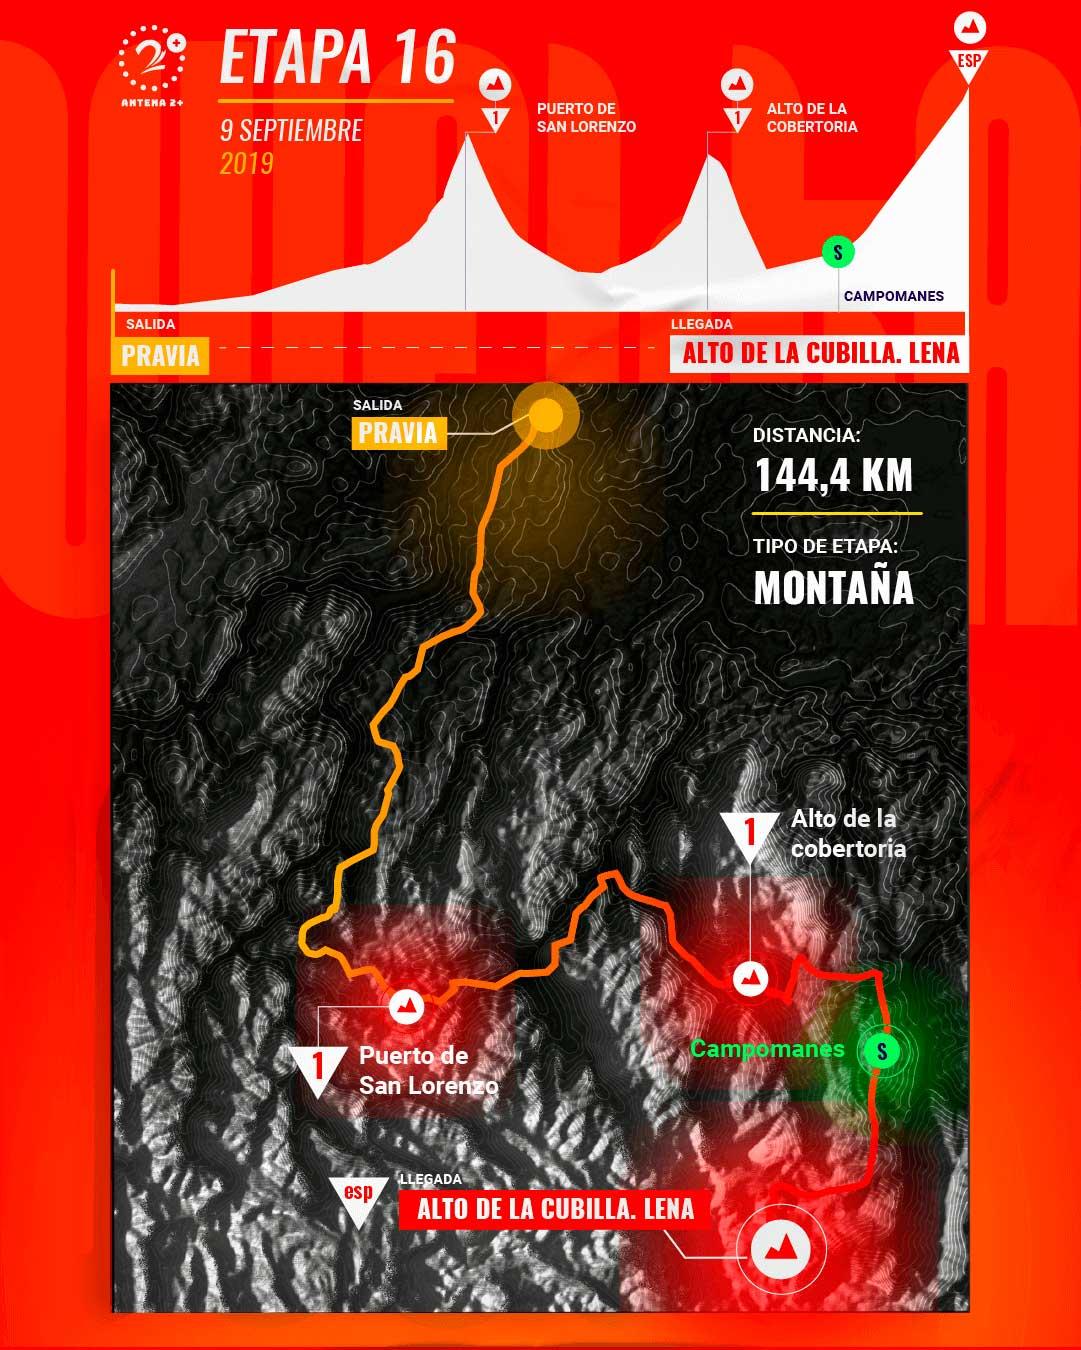 Etapa 16, Vuelta a España 2019